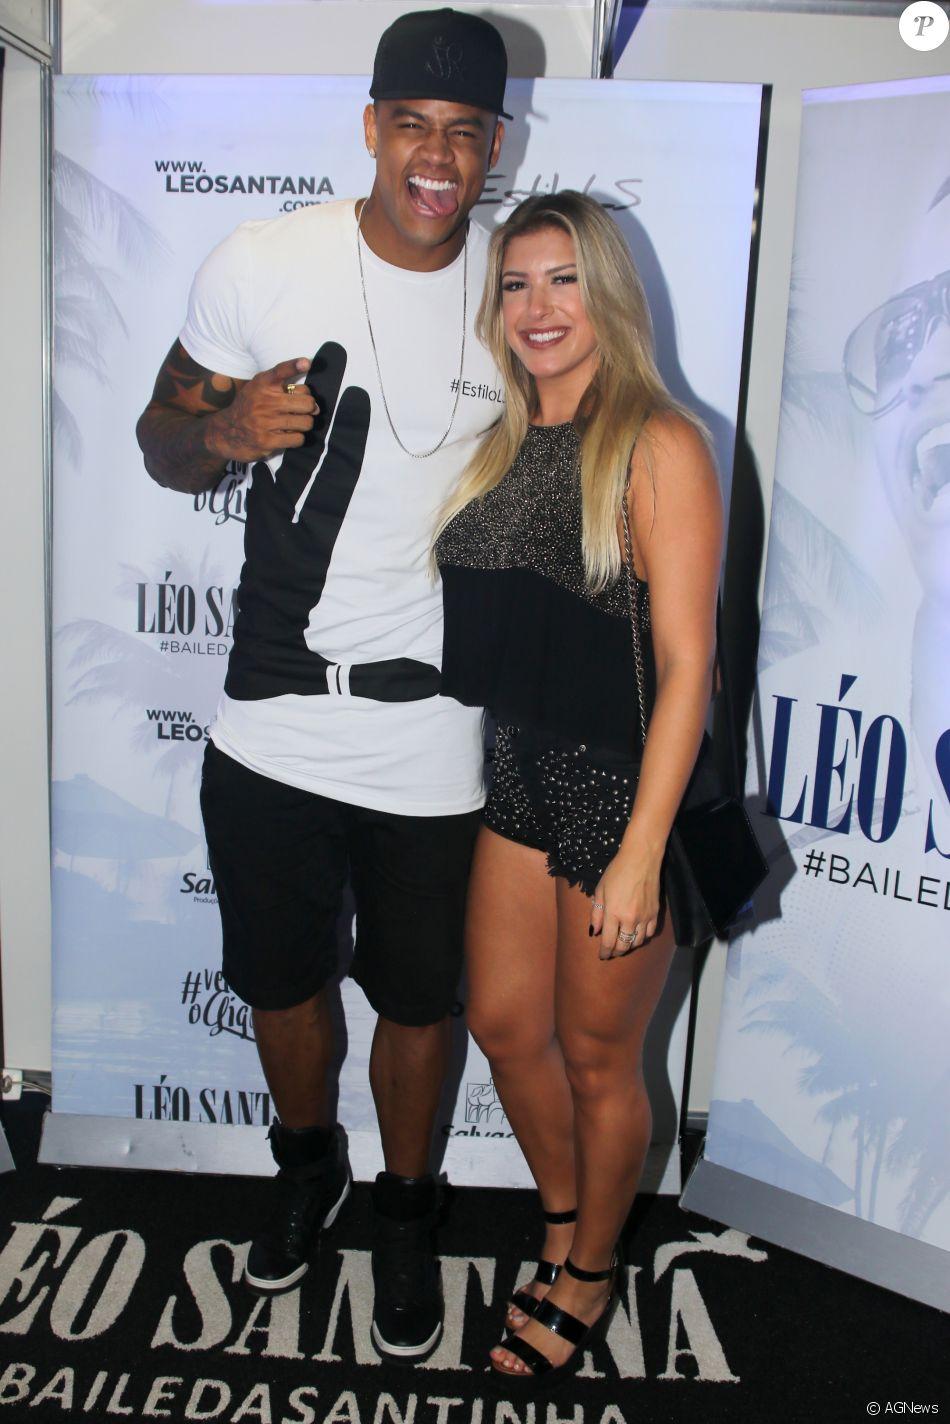 Léo Santana confirma fim de noivado com Lorena Improta: 'Isso acontece com qualquer outro casal. Infelizmente não deu certo, bola para frente'